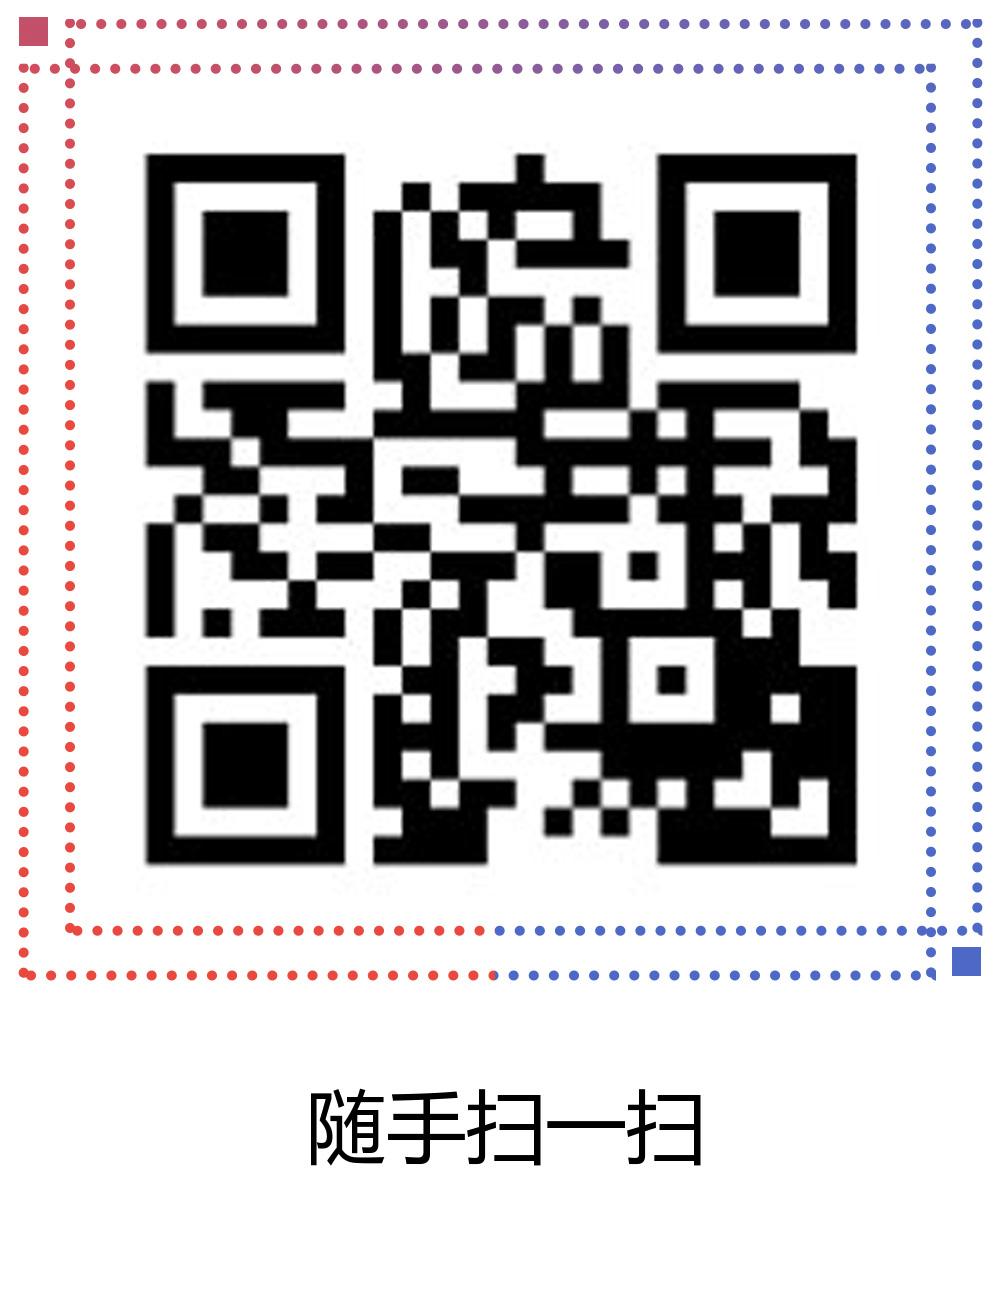 龙三塑胶标准件网站二维码